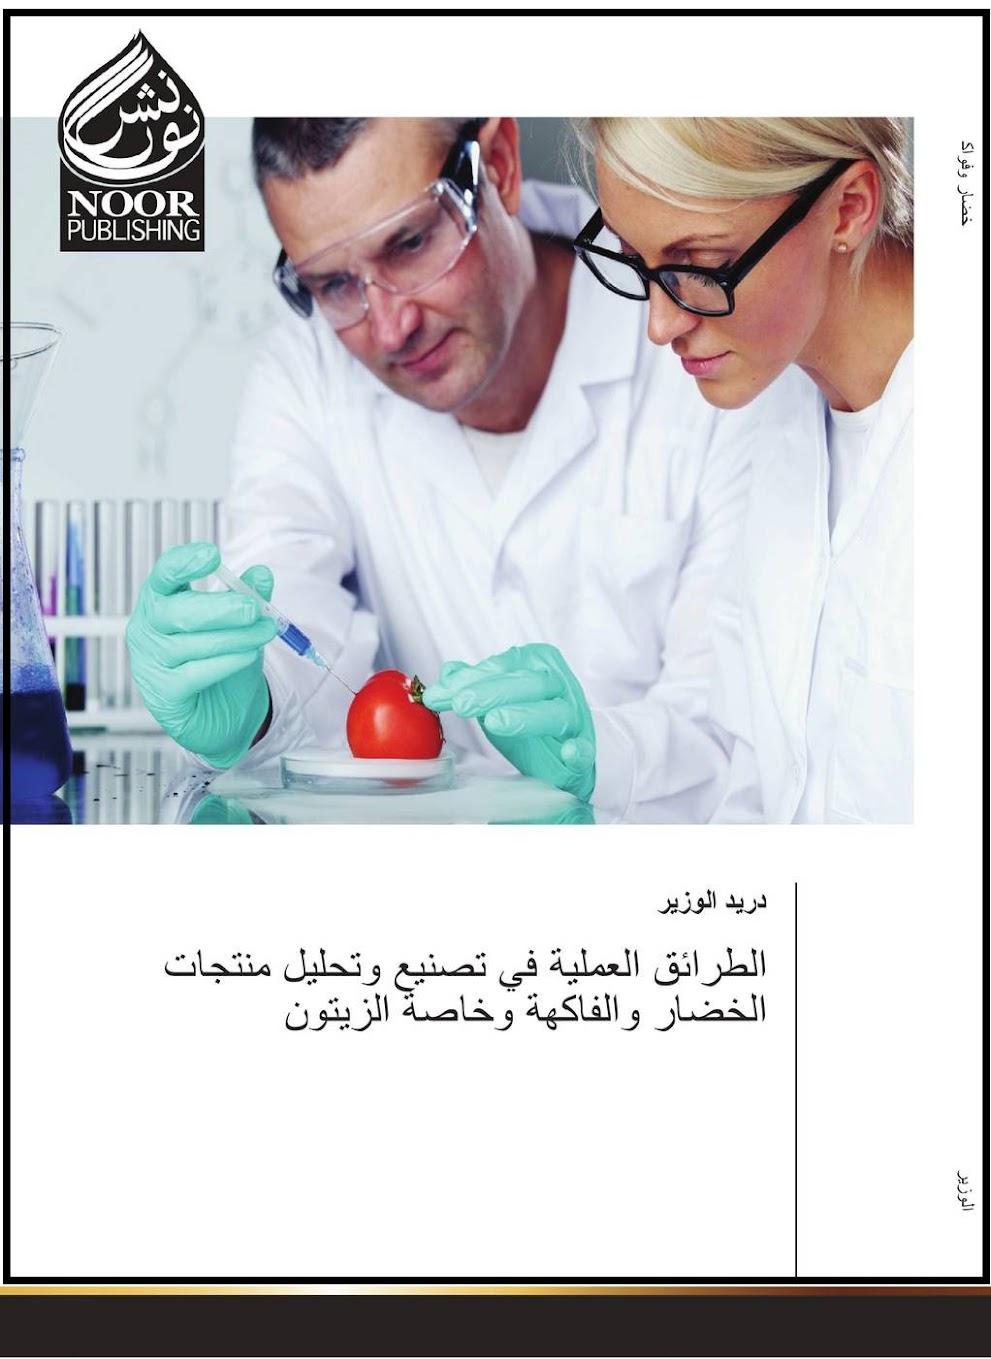 كتاب : الطرائق العملية في تصنيع و تحليل منتجات الخضار و الفاكهة و خاصة الزيتون